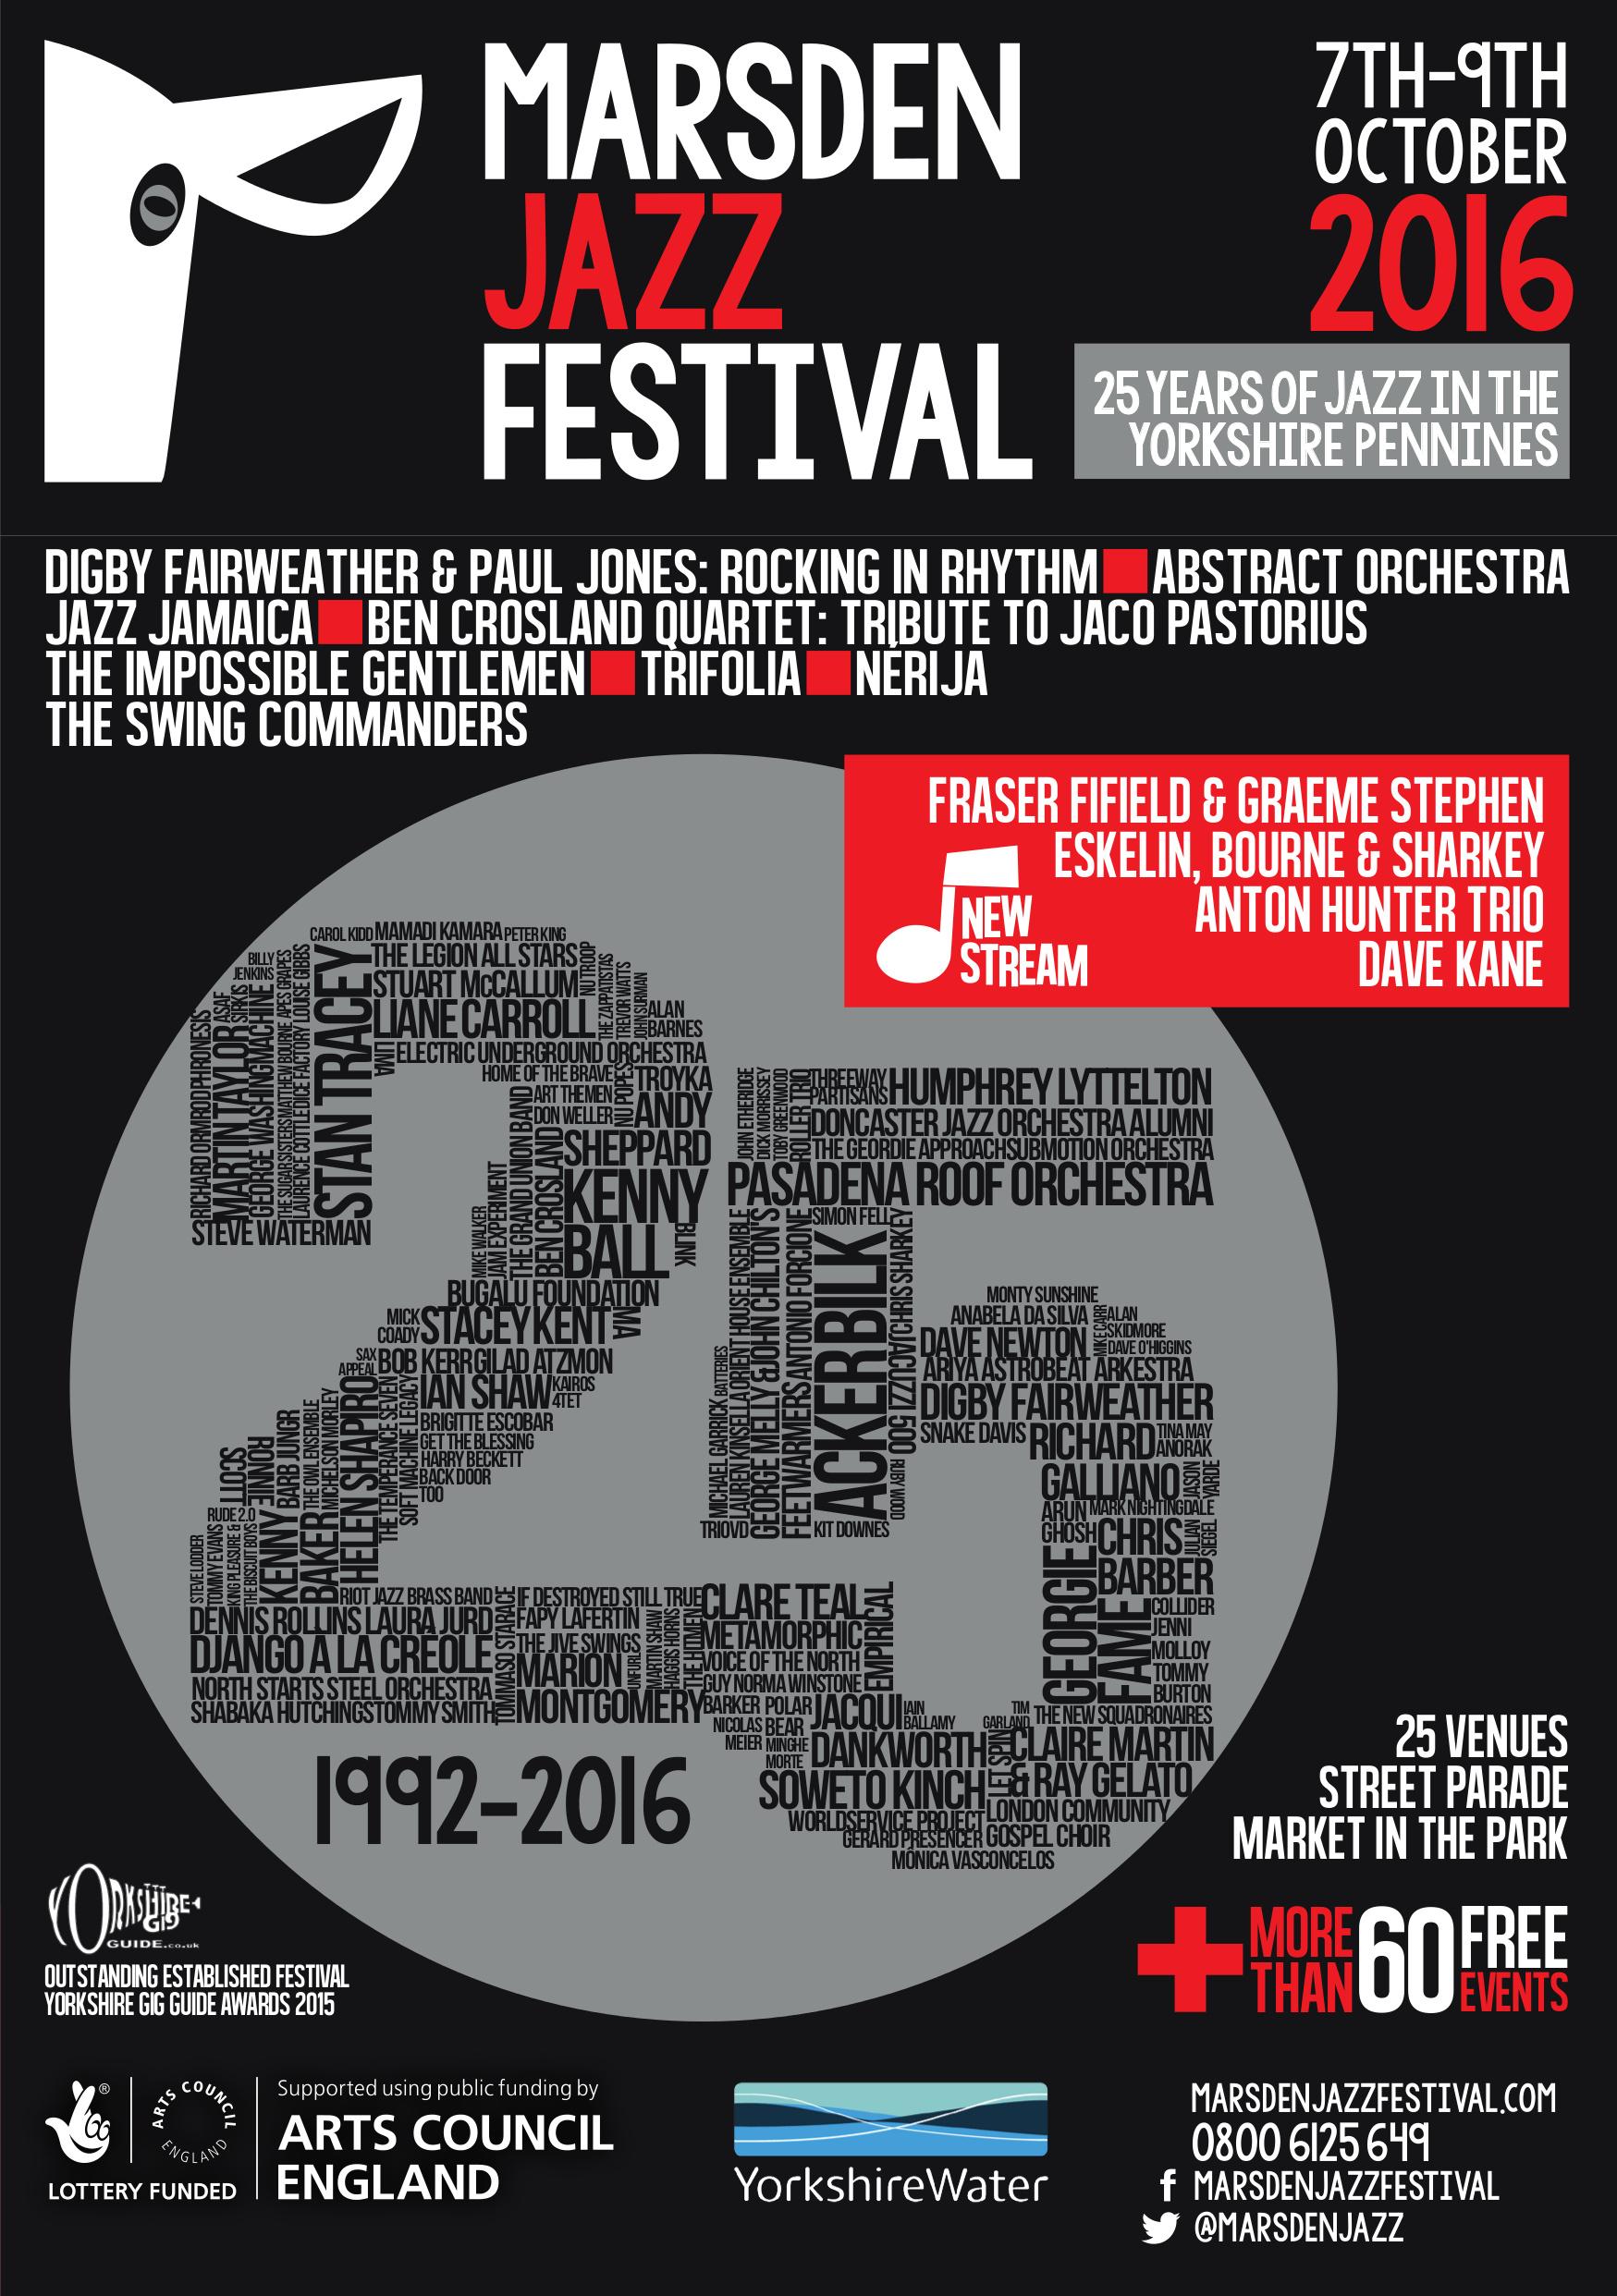 marsden-jazz-festival-poster-2016